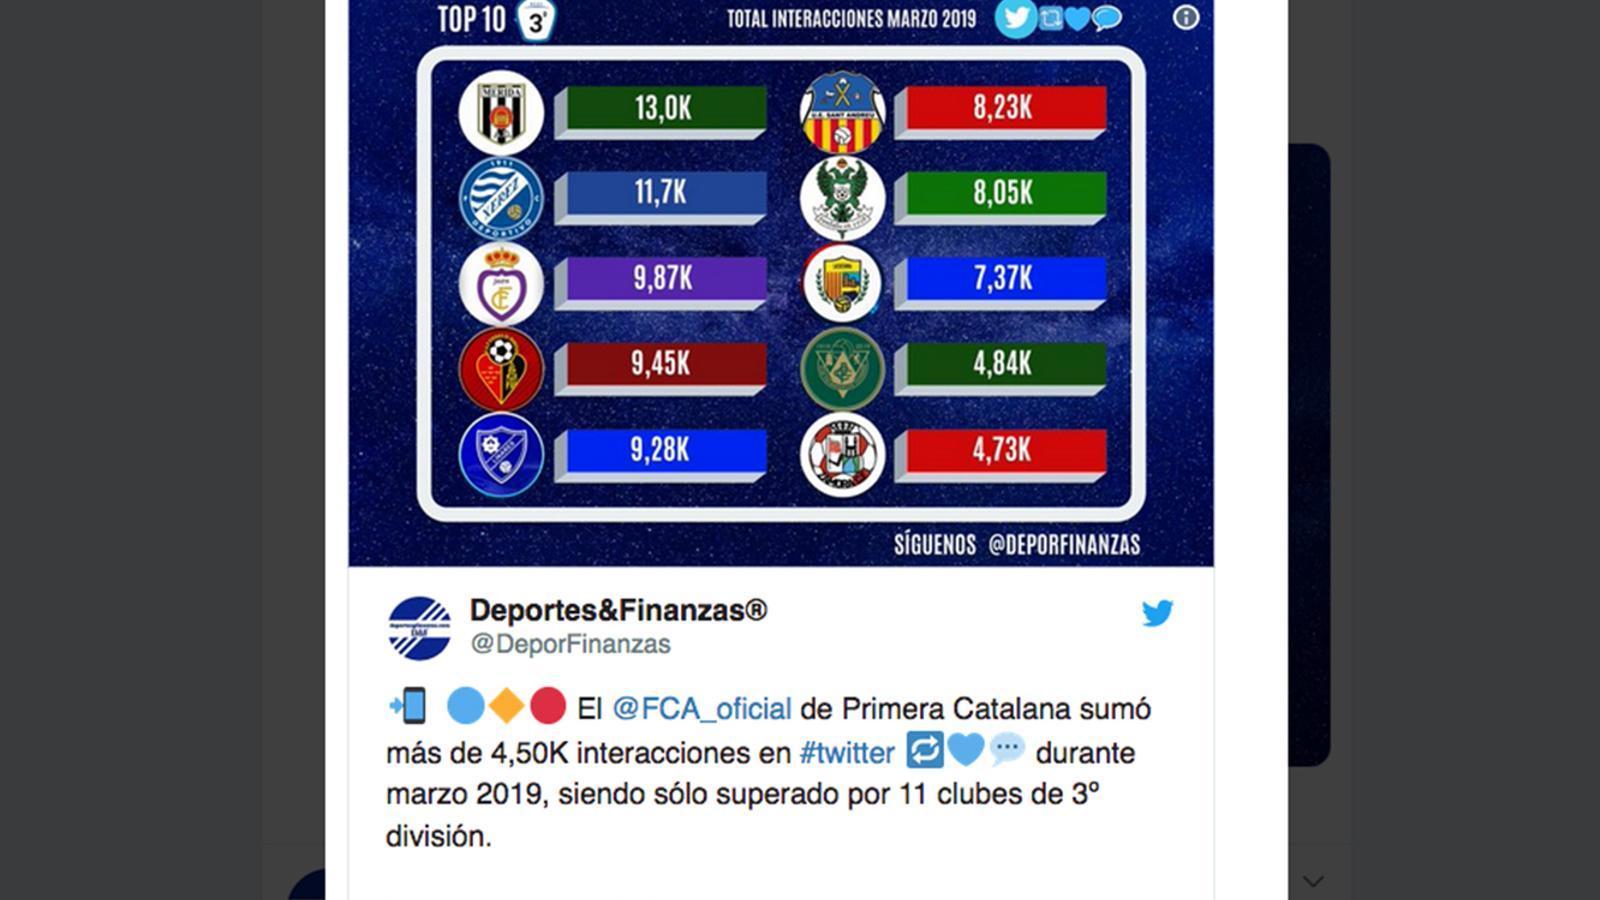 La classificació que es publica a 'Deportes y Finanzas'. / TWITTER @DEPORFINANZAS